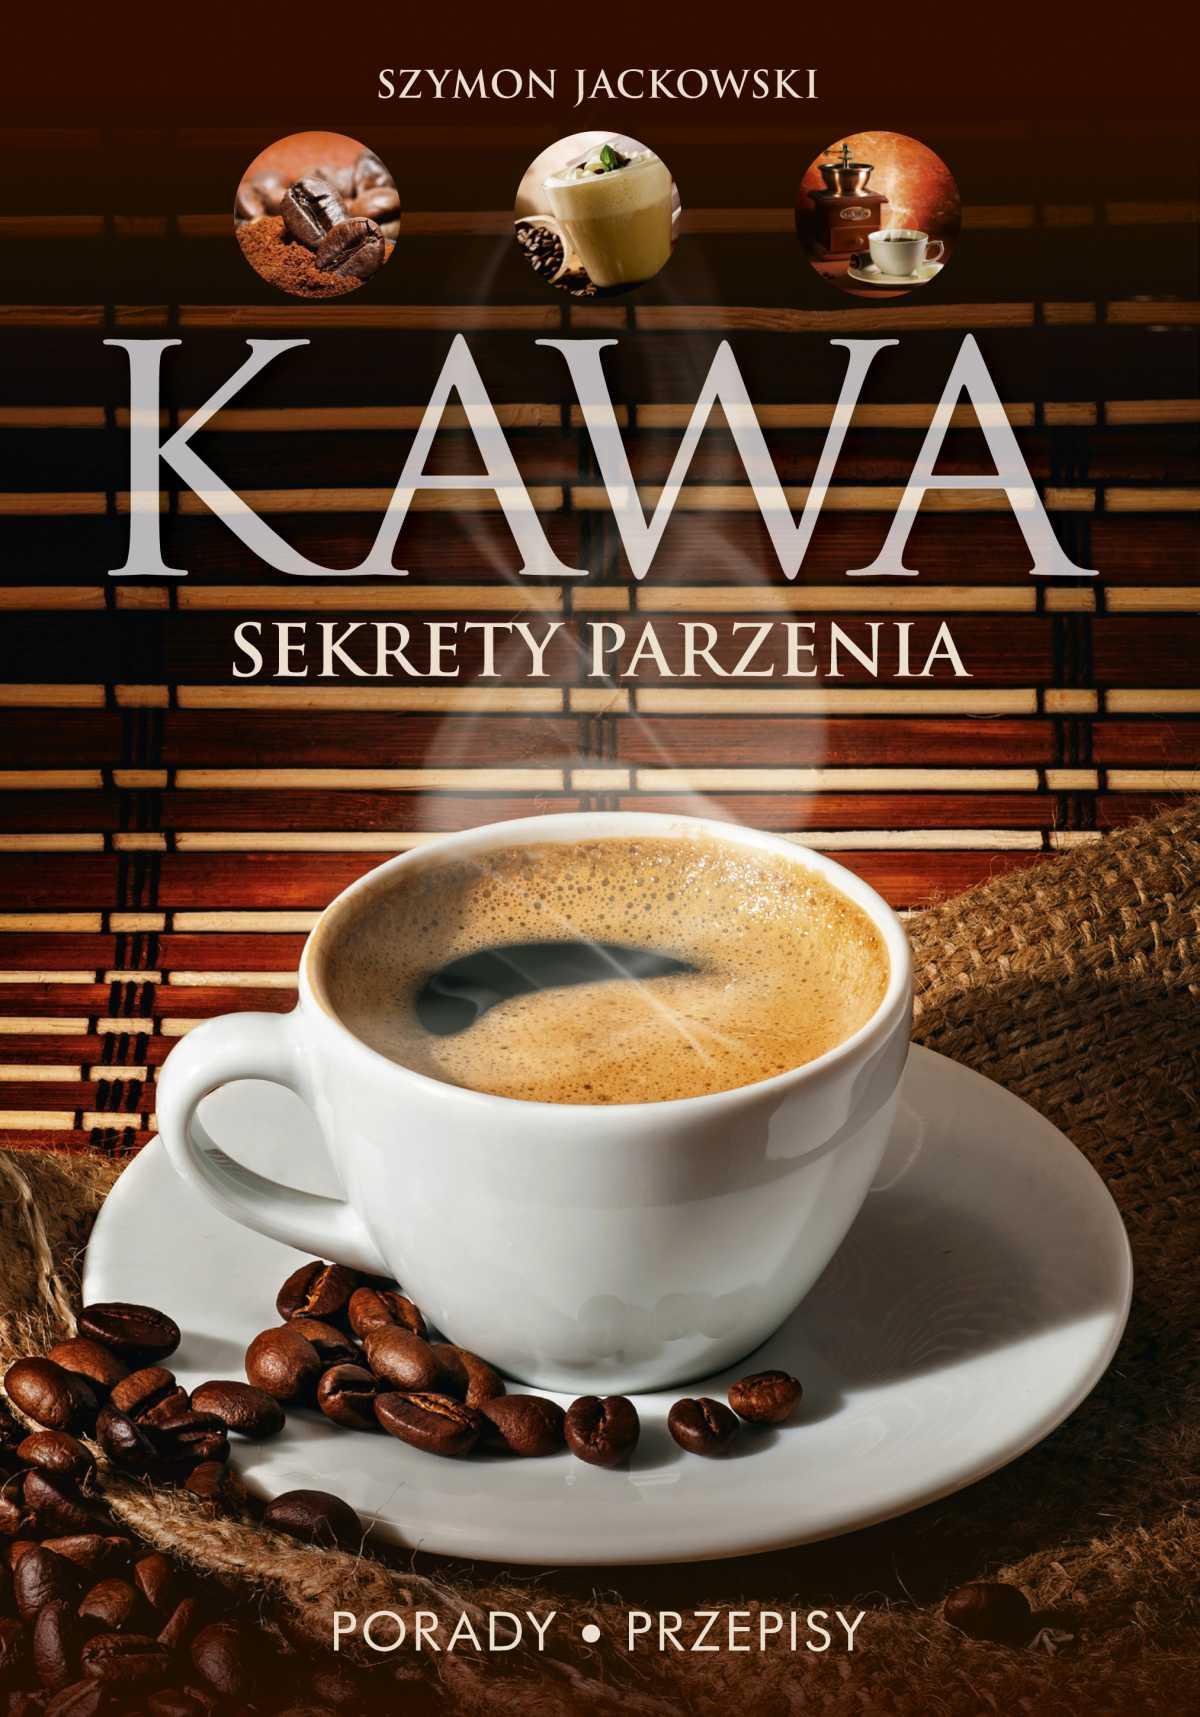 Kawa. Sekrety parzenia. Porady. Przepisy - Ebook (Książka PDF) do pobrania w formacie PDF